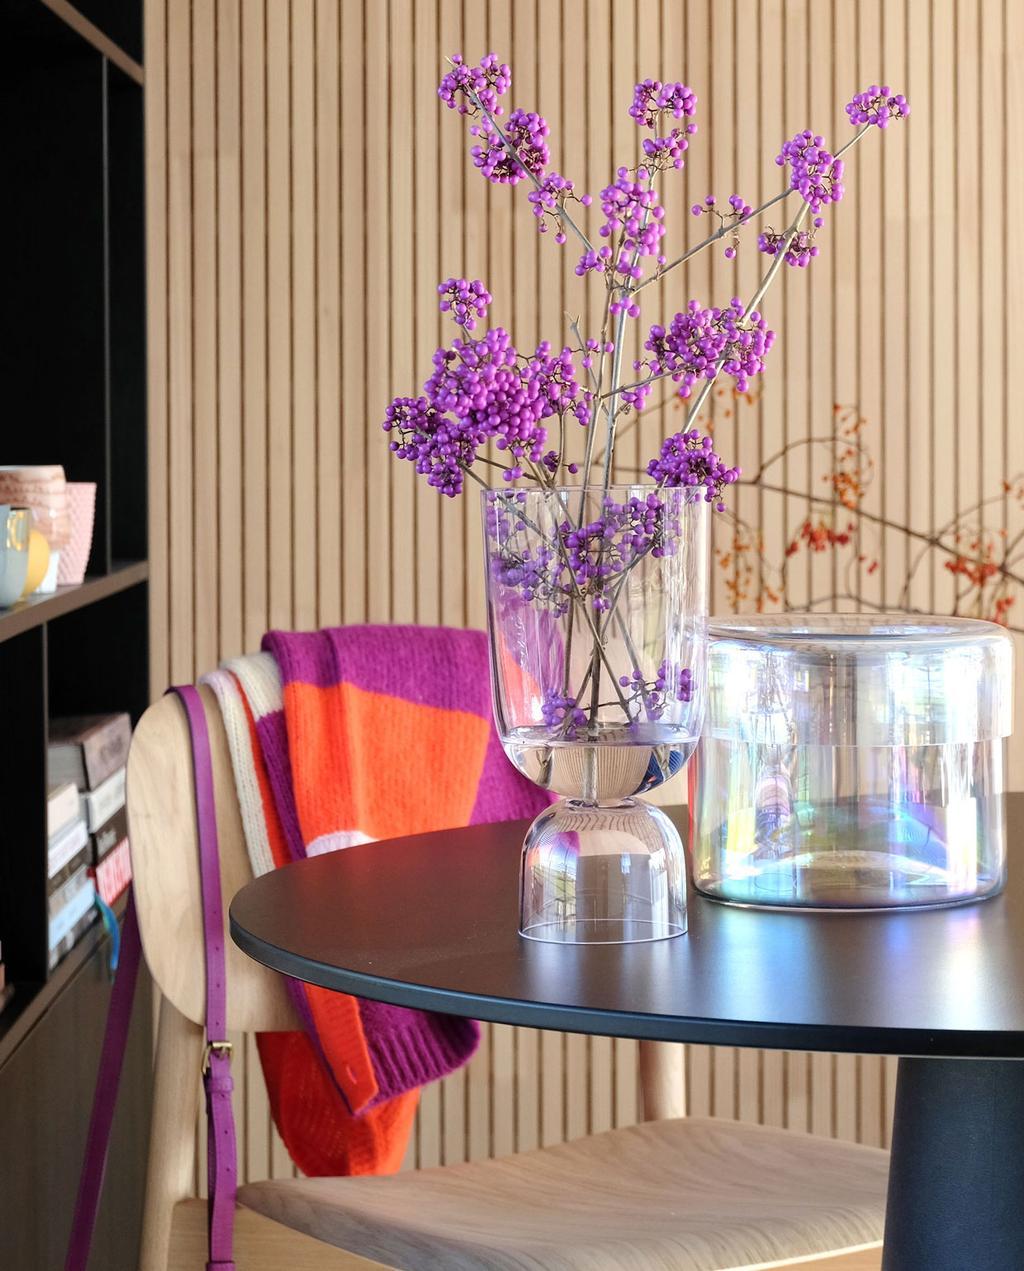 vtwonen | blog PRCHTG glazen vaas gevuld met bloemen op zwarte salon tafel